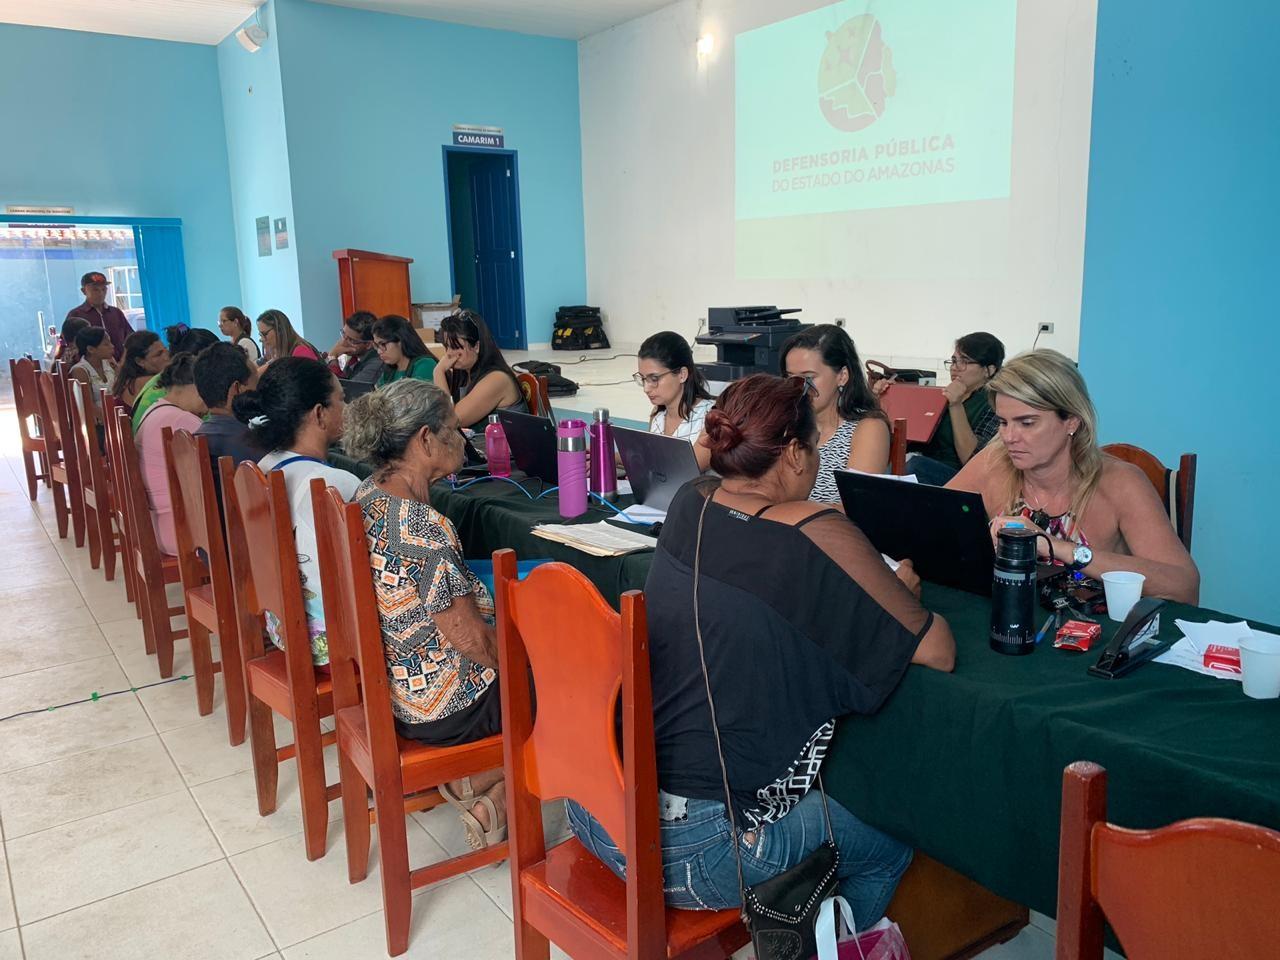 Com foco nas áreas da Família e Mulher, Tabatinga recebe mutirão de atendimento da Defensoria Pública - Notícias - Plantão Diário